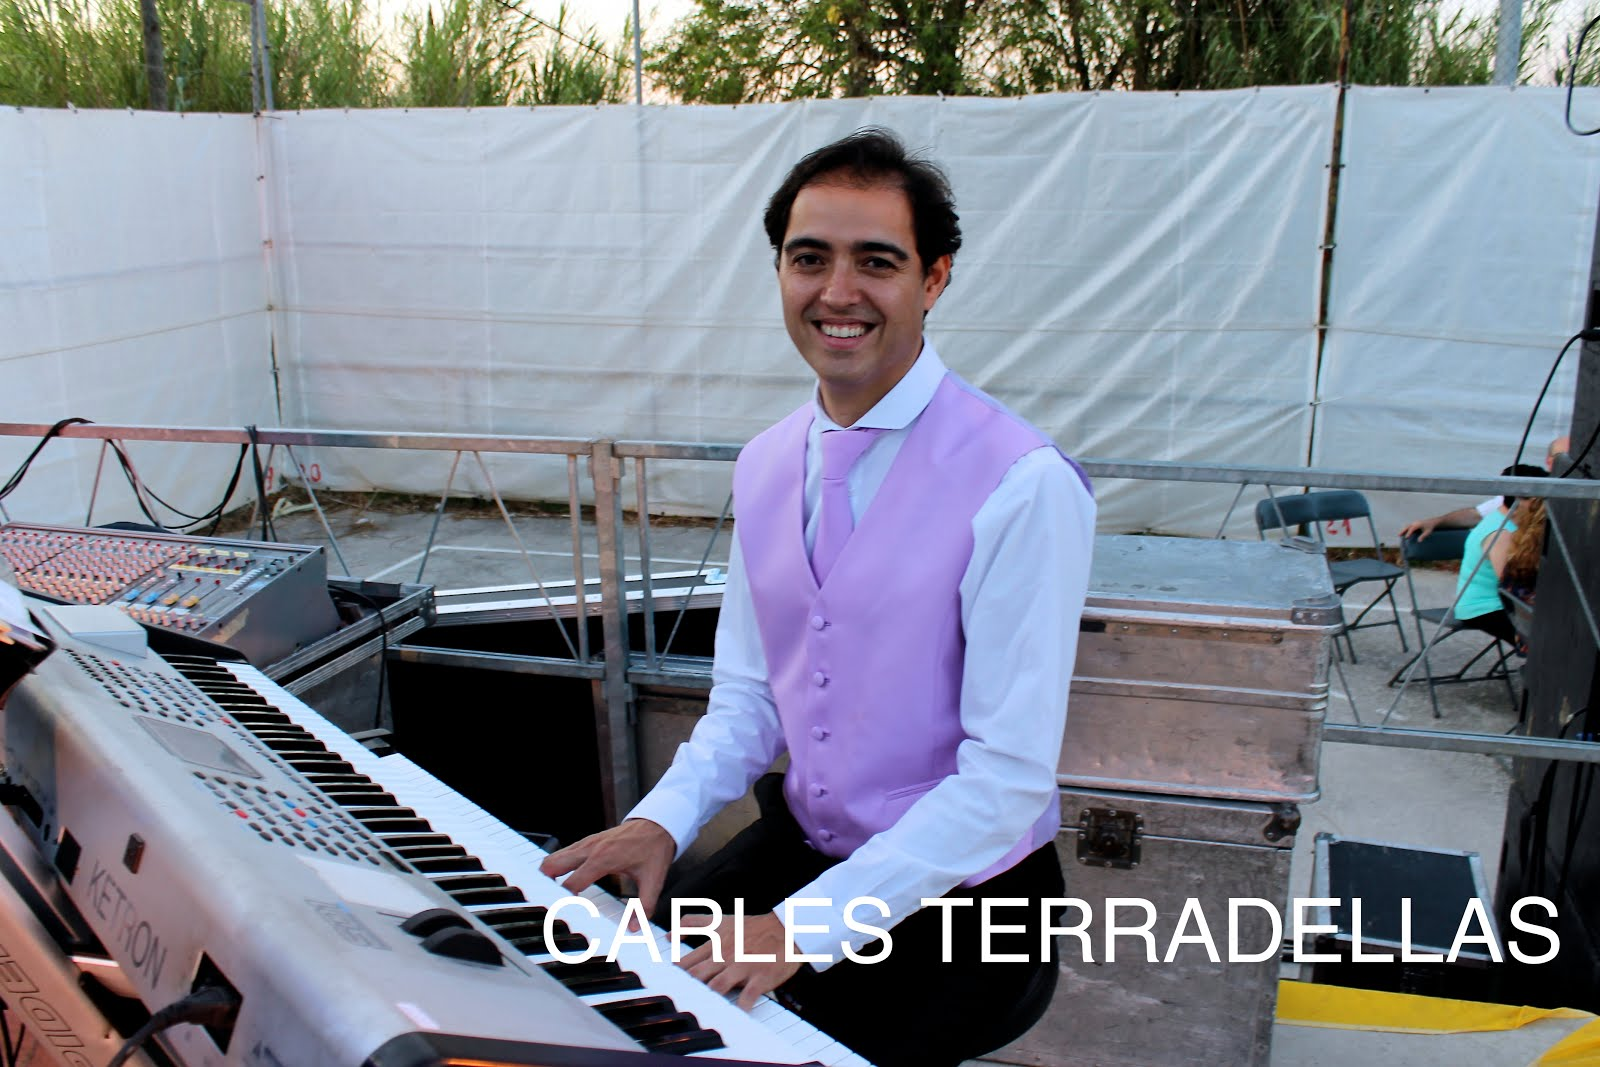 Carles Tarradellas